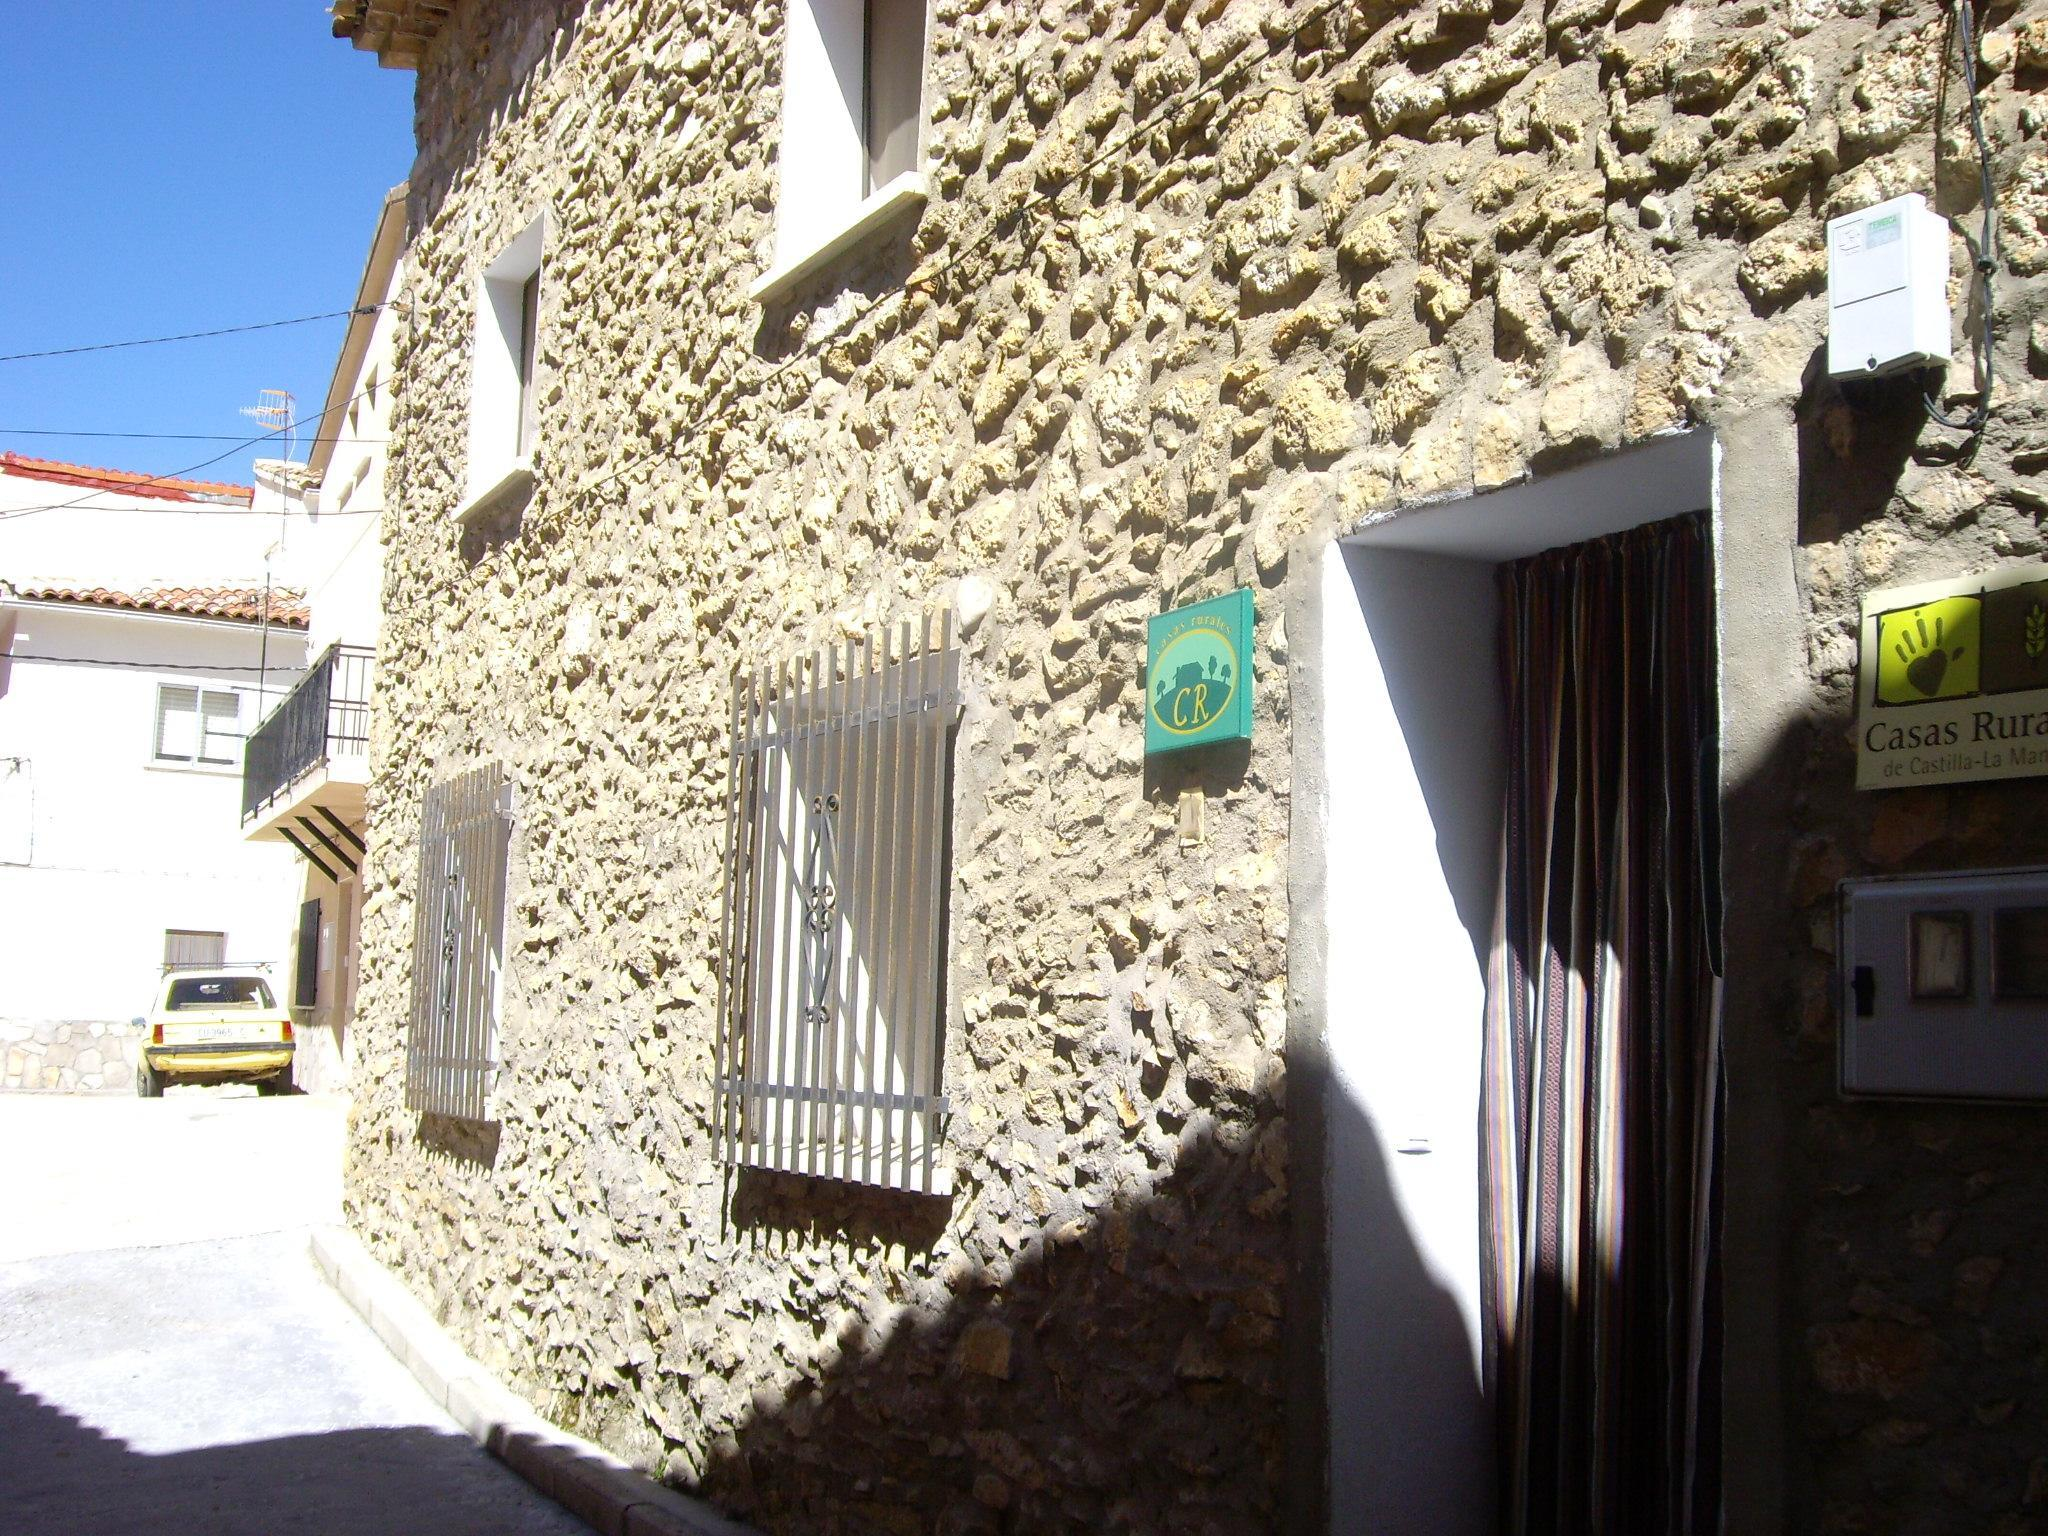 Fotos de casa rural molino de papel cuenca molinos de for Casa rural priego cuenca